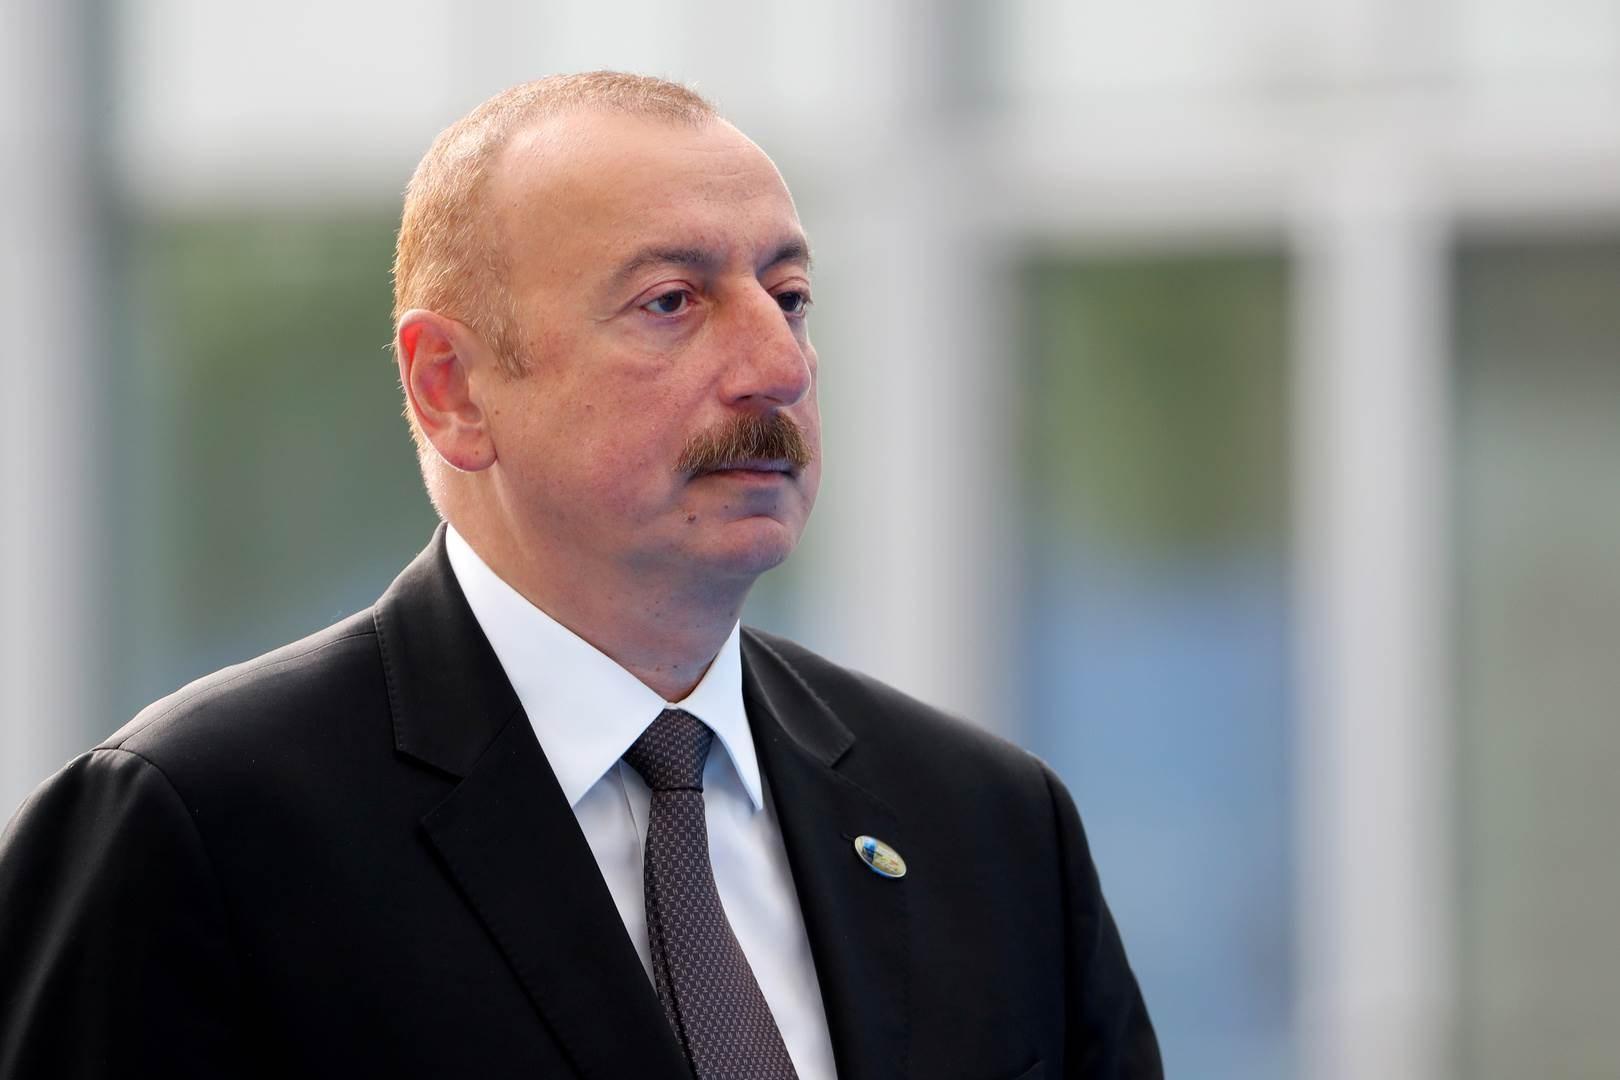 علييف: على أرمينيا أن تقبل بأن ناغورنو كاراباخ ليس أرمينياً وأن تضع جدولاً زمنياً للانسحاب منه